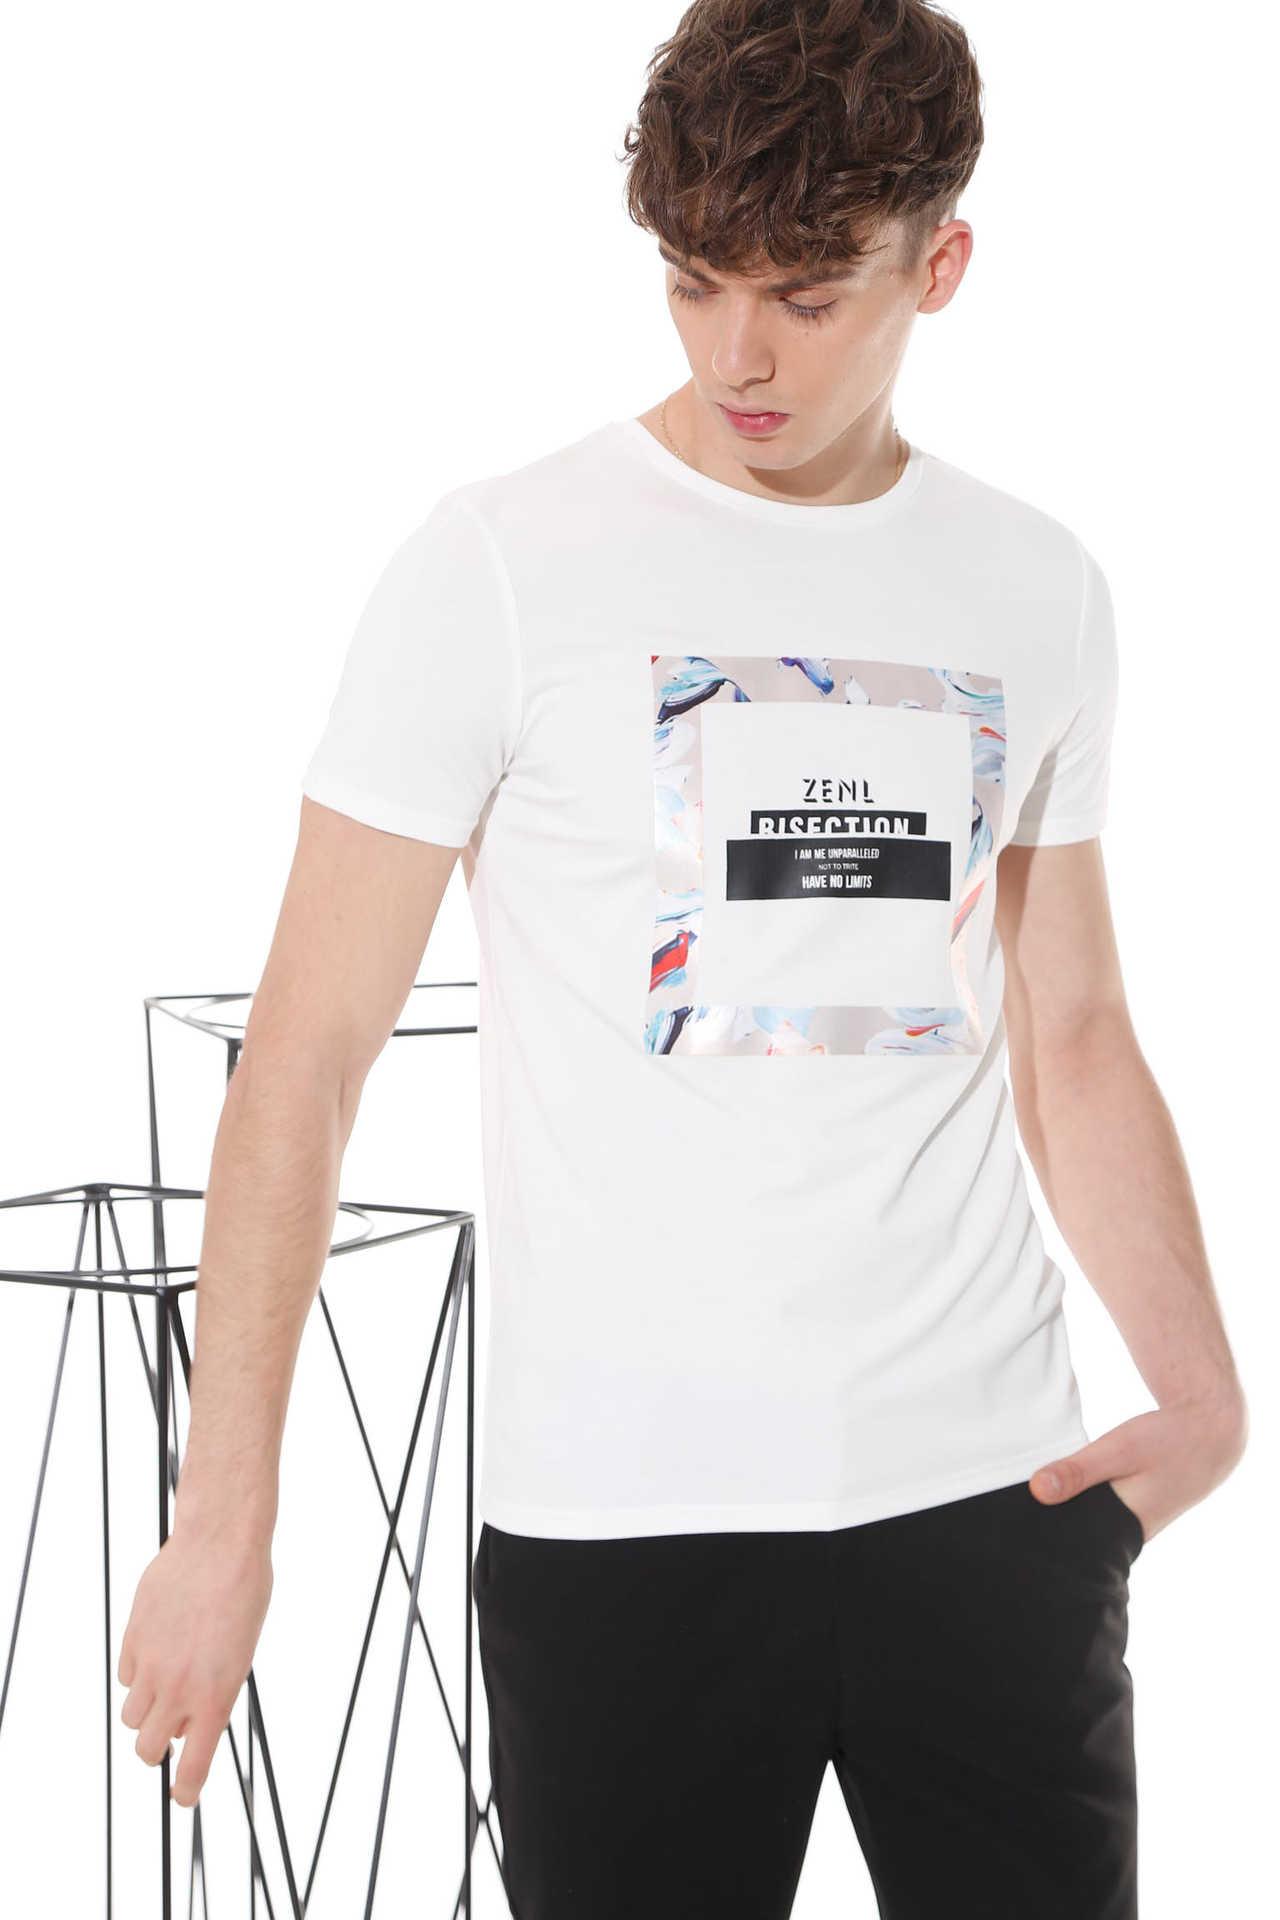 2018年可信赖的男装品牌找佐纳利男装 不断提升自身产品质量